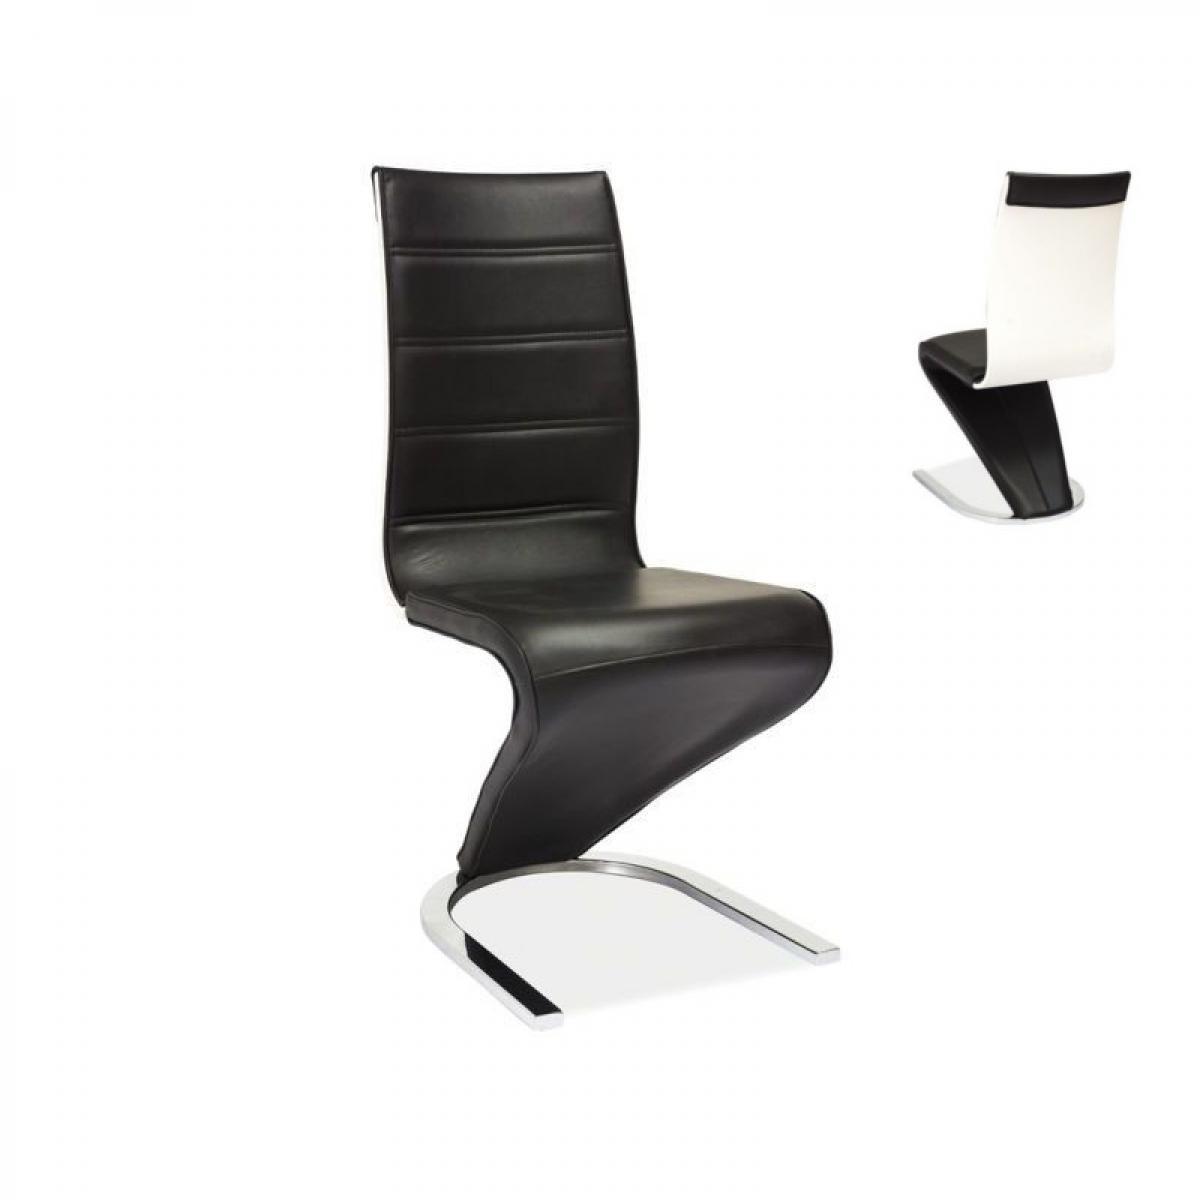 Ac-Deco Chaise design - H134 - 46 x 44 x 99 cm - Noir et blanc